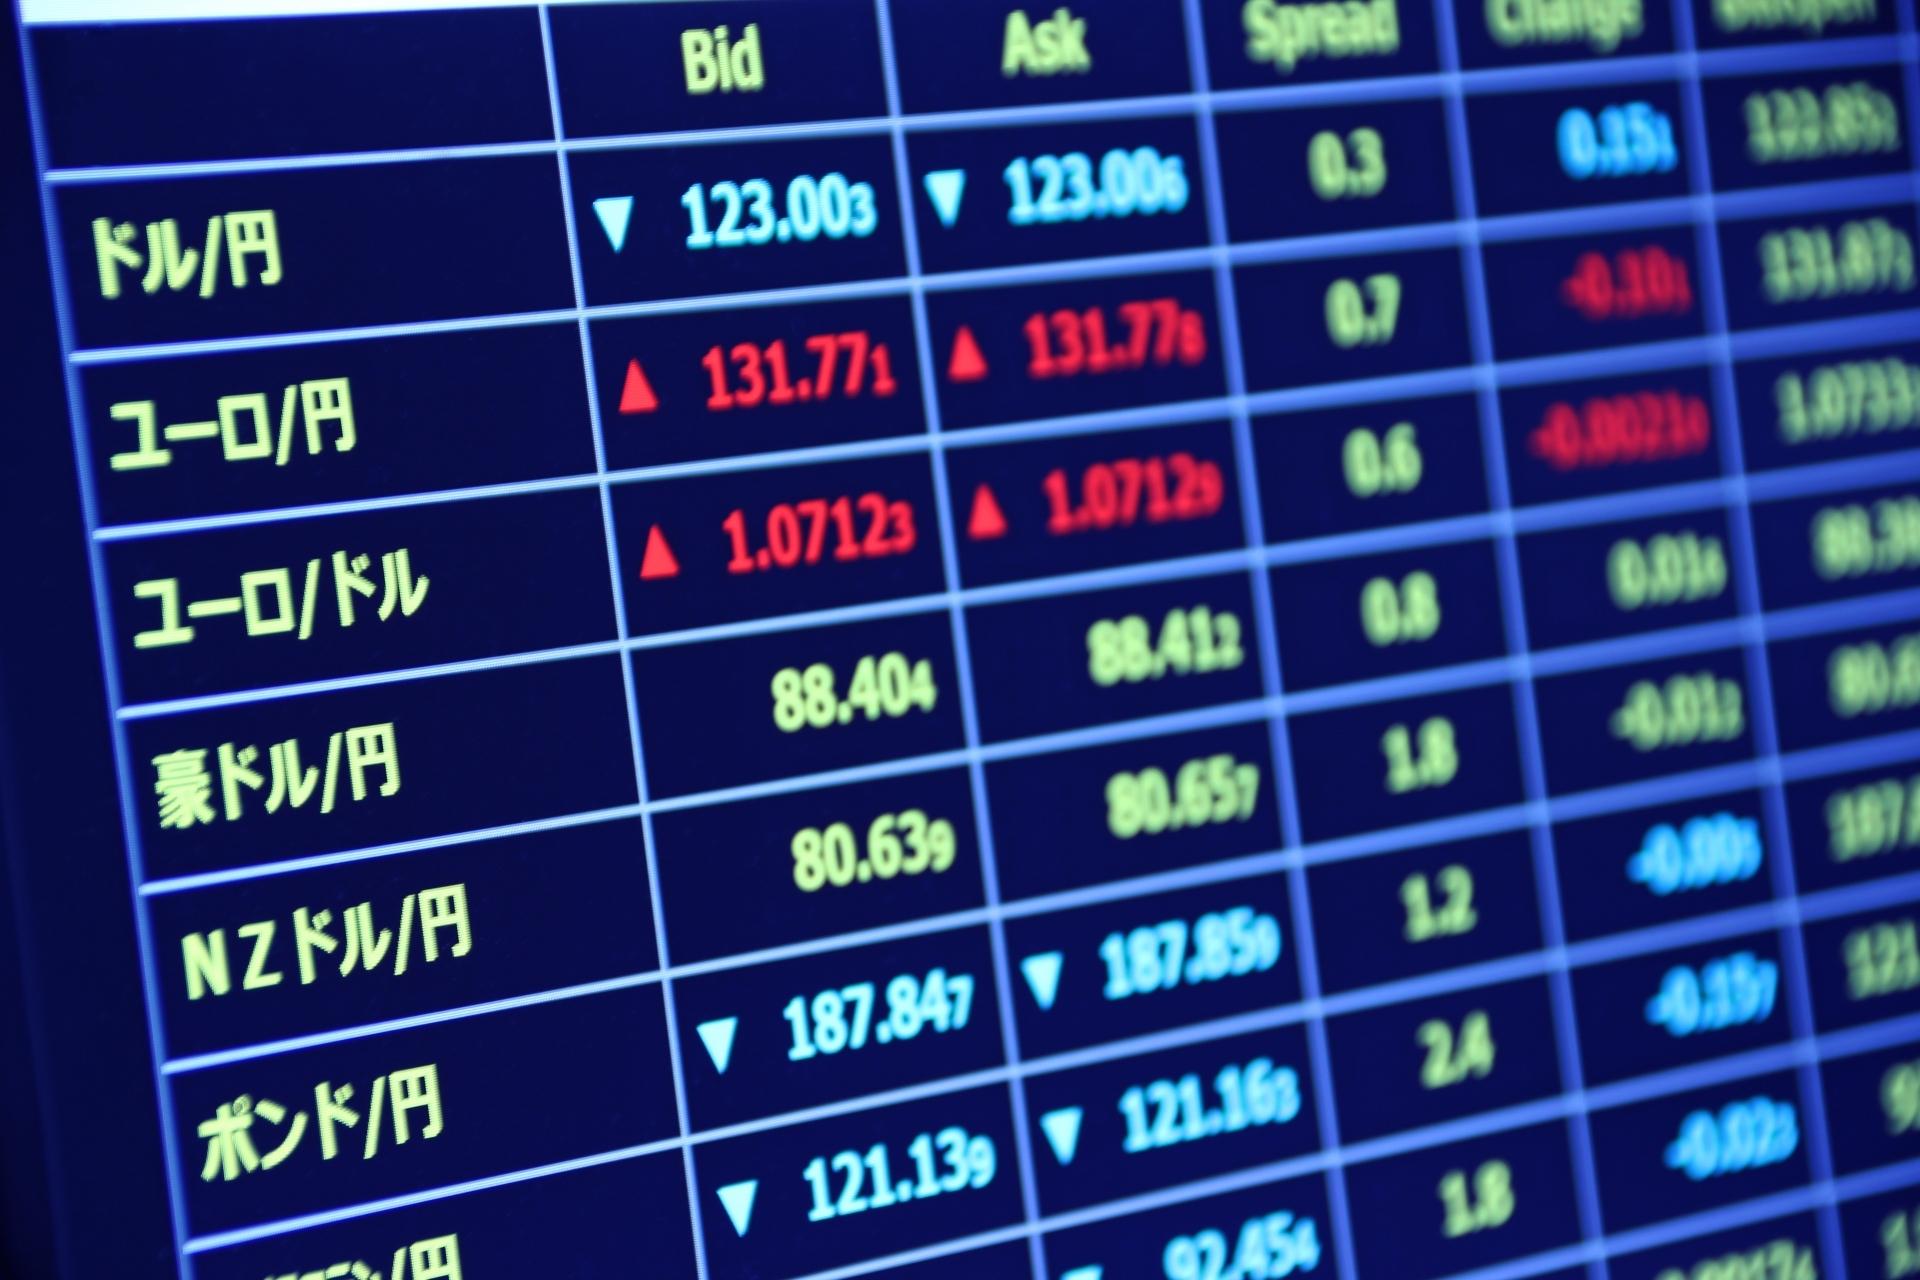 対面取引FX会社で営業マンに言われるがままにユーロ円を売った個人投資家の悲惨な実話